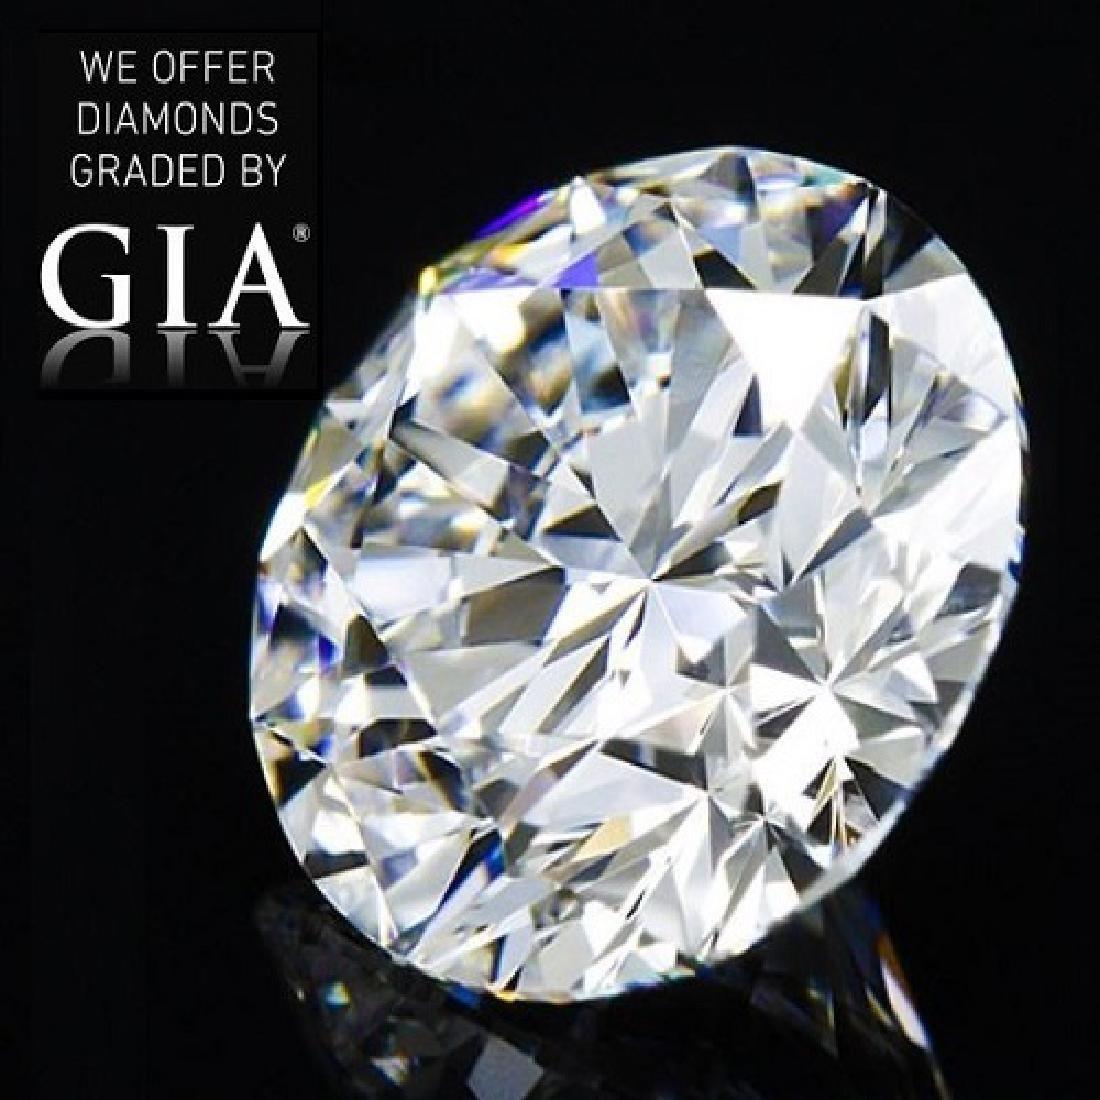 2.19 ct, Color H/VVS2, Round cut Diamond